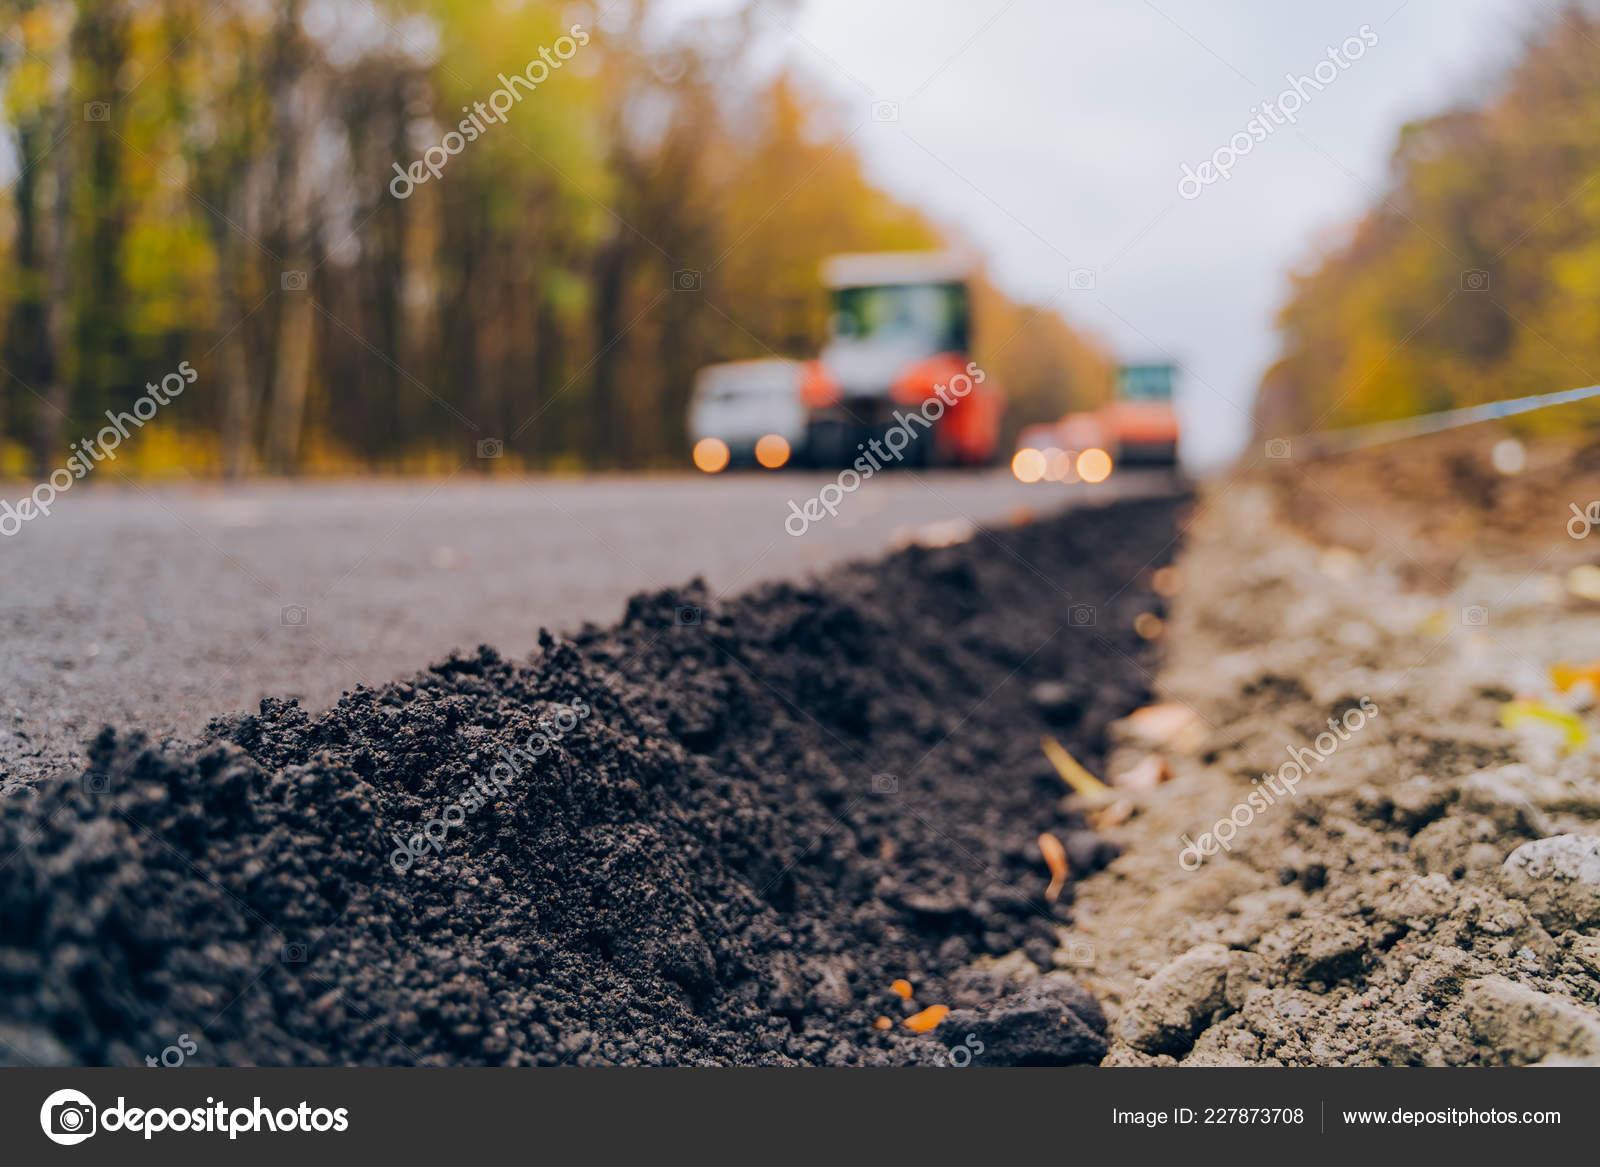 Laying New Asphalt Road Worker Operating Asphalt Paver